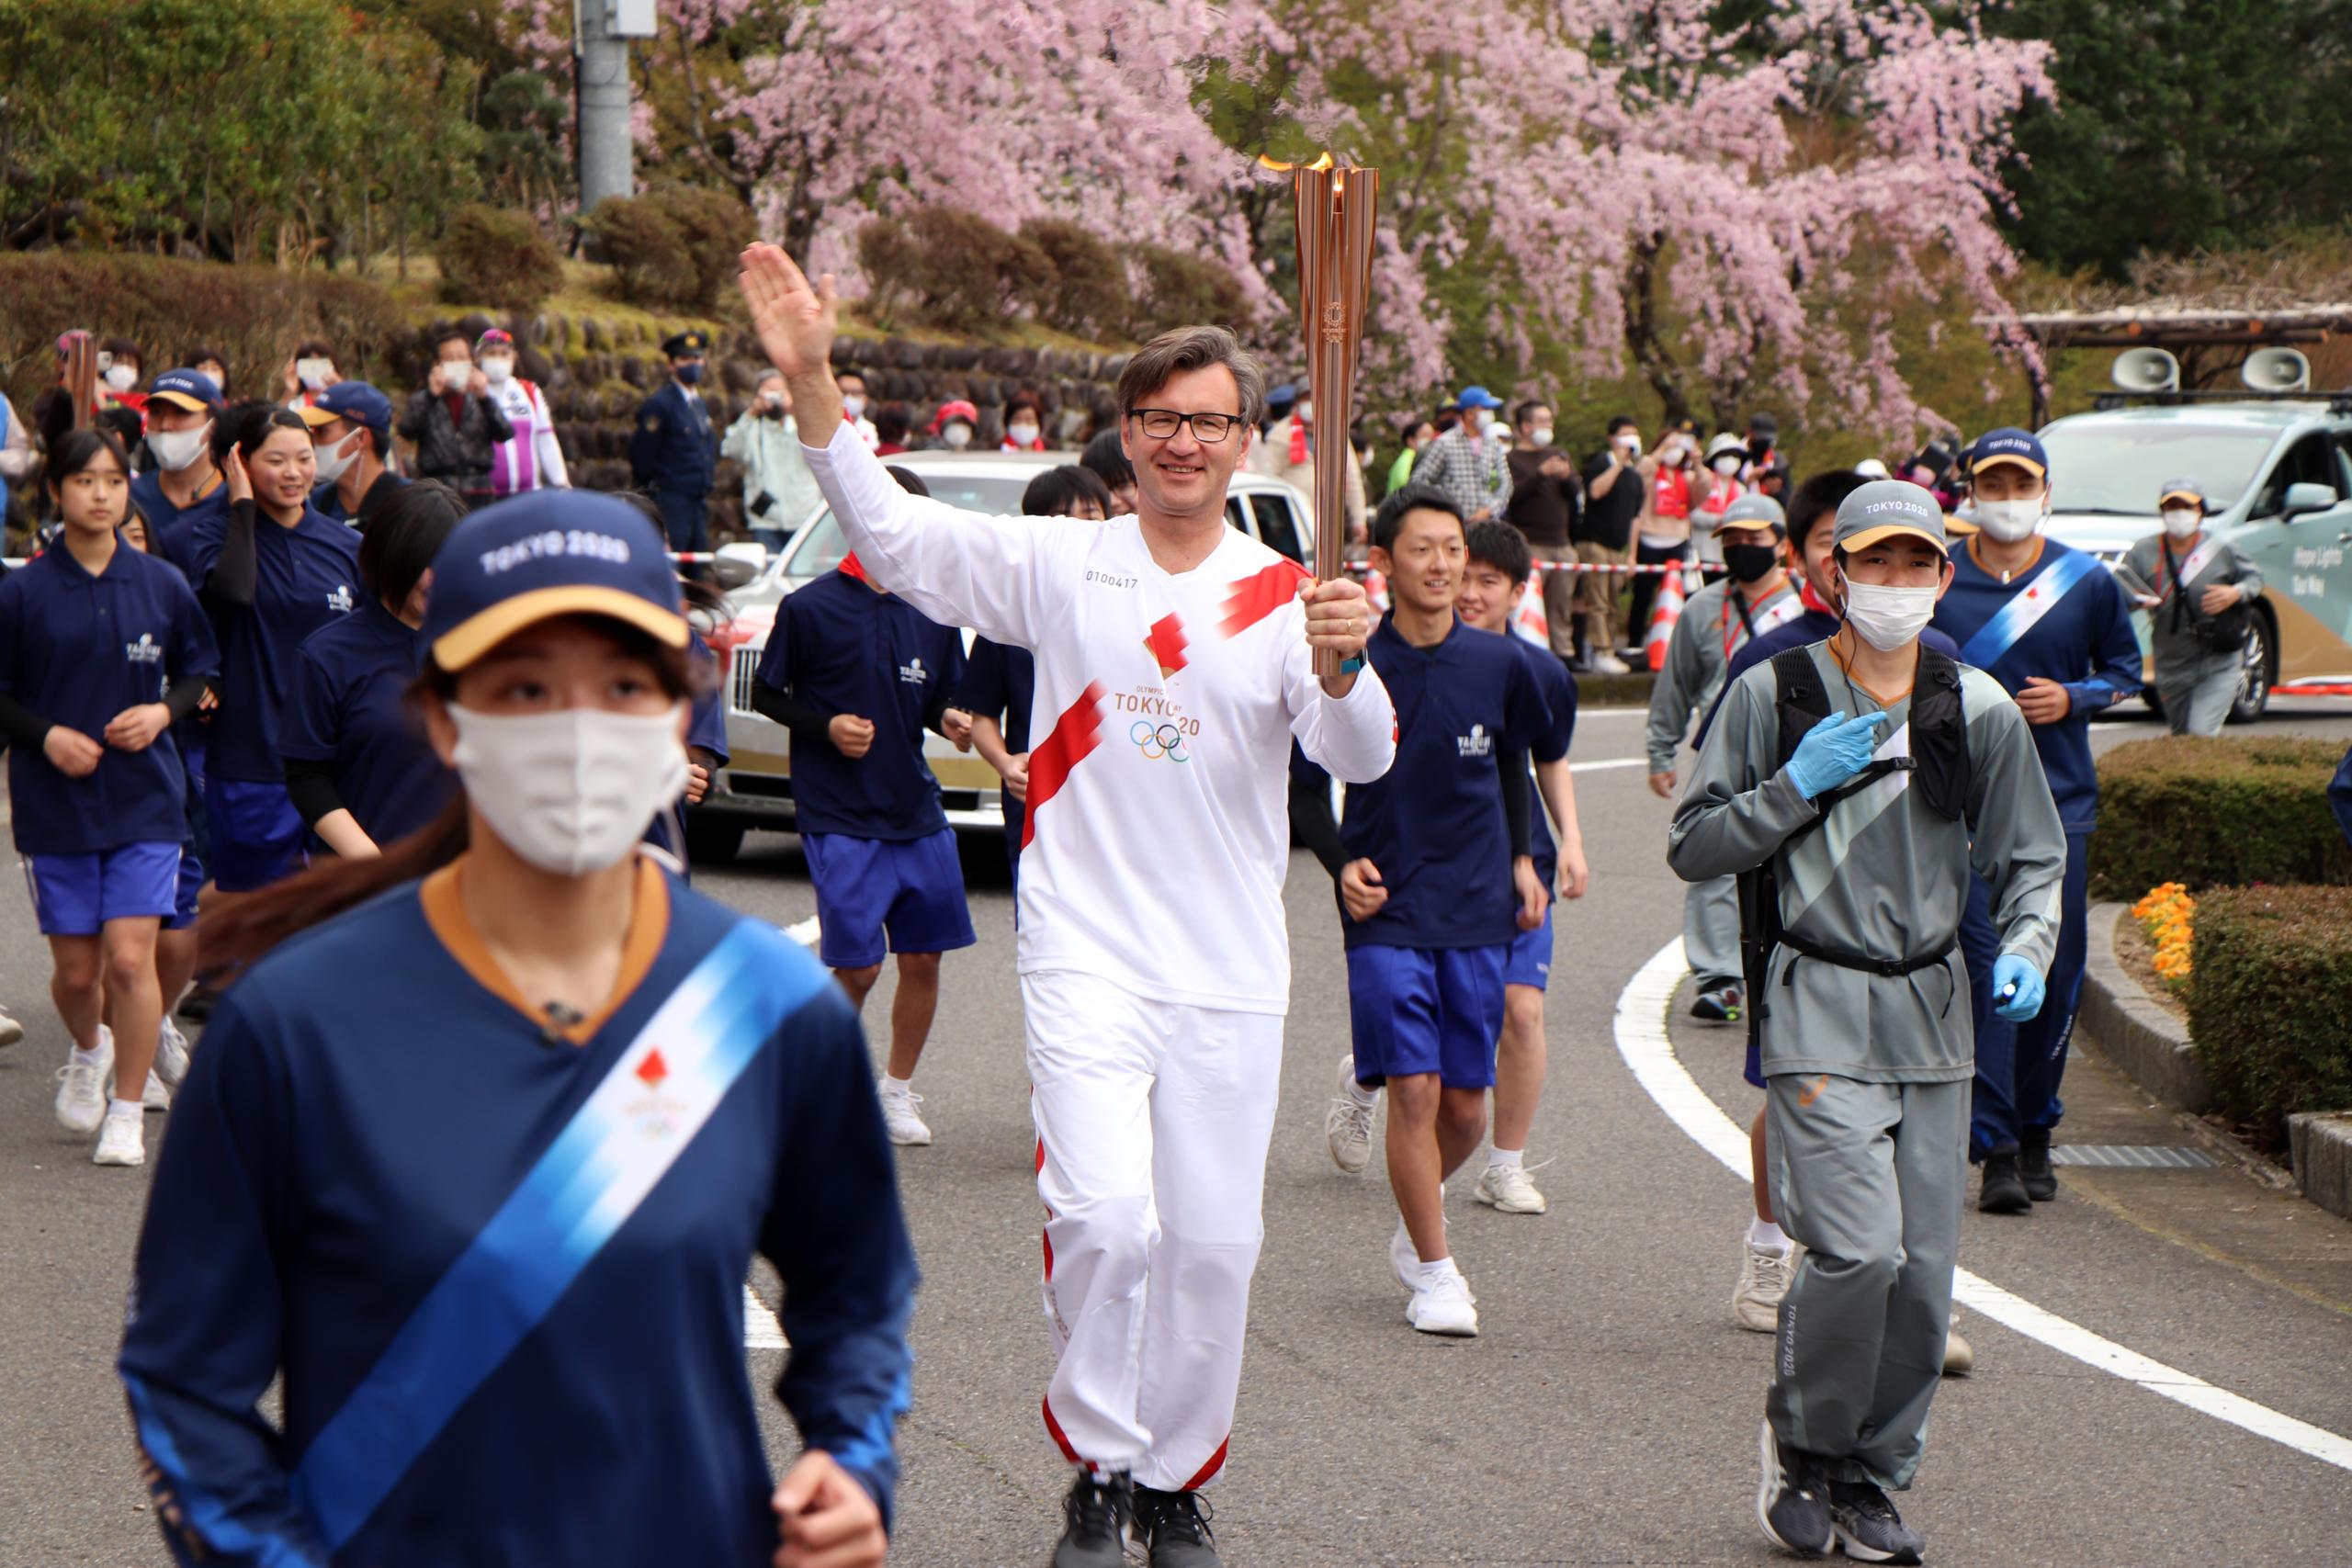 Ambasadoriui G.Varvuoliui olimpinio deglo nešimas paliko neišdildomą įspūdį. | IOC Media nuotr.